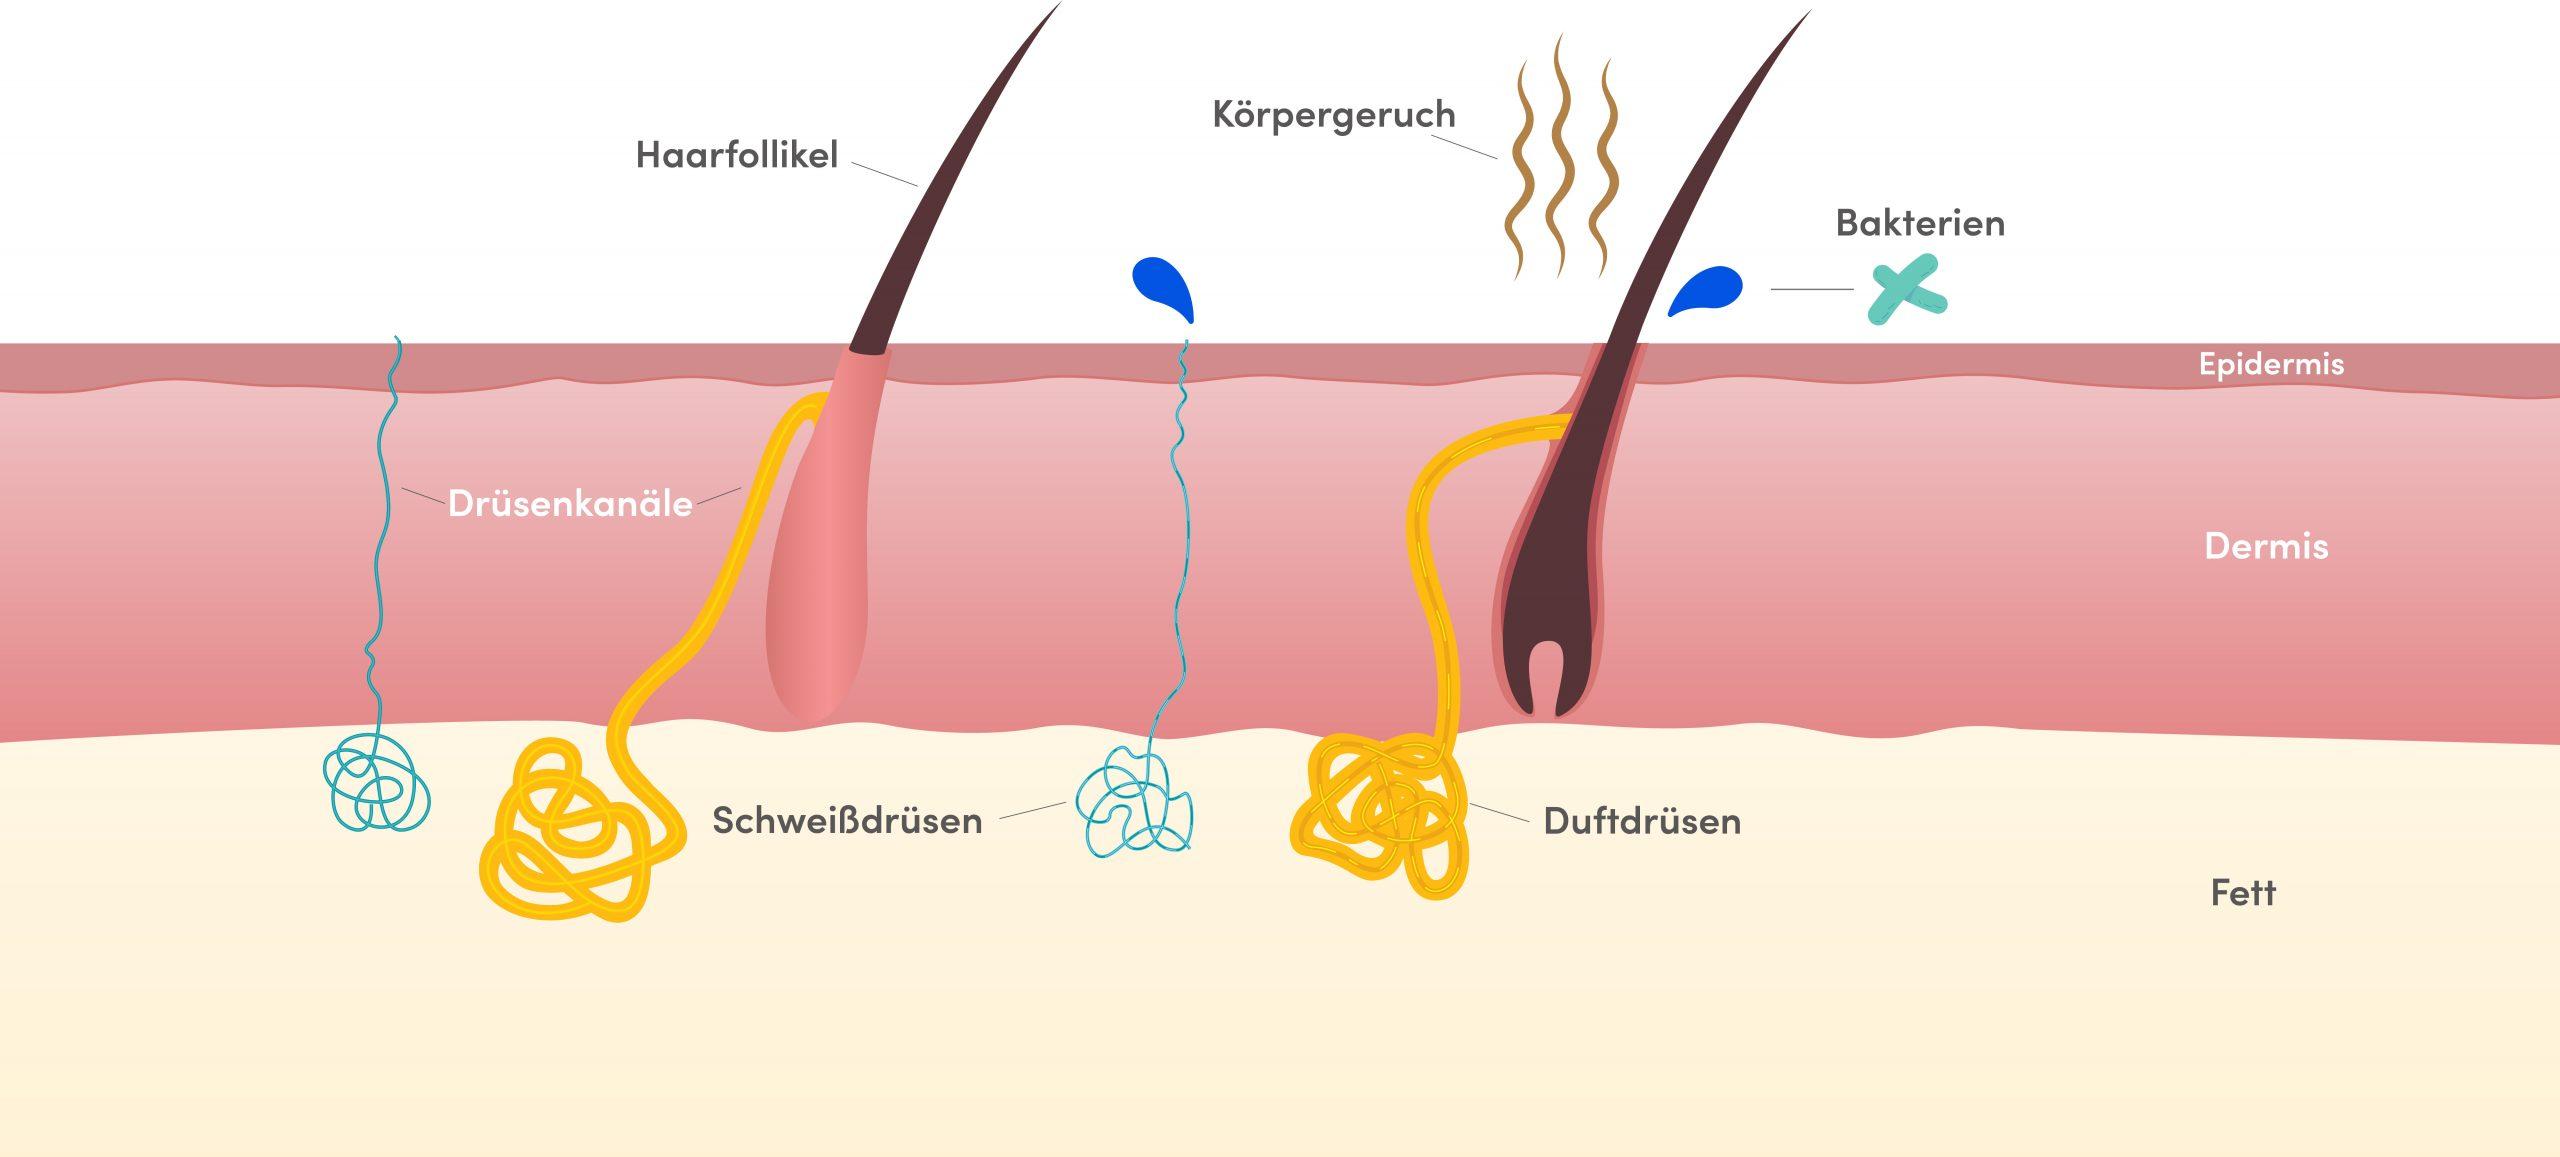 Young Aesthetics miraDry Anti-Schweiß-Behandlung Hannover Hyperhidrose Achselschweiß Schritt 1